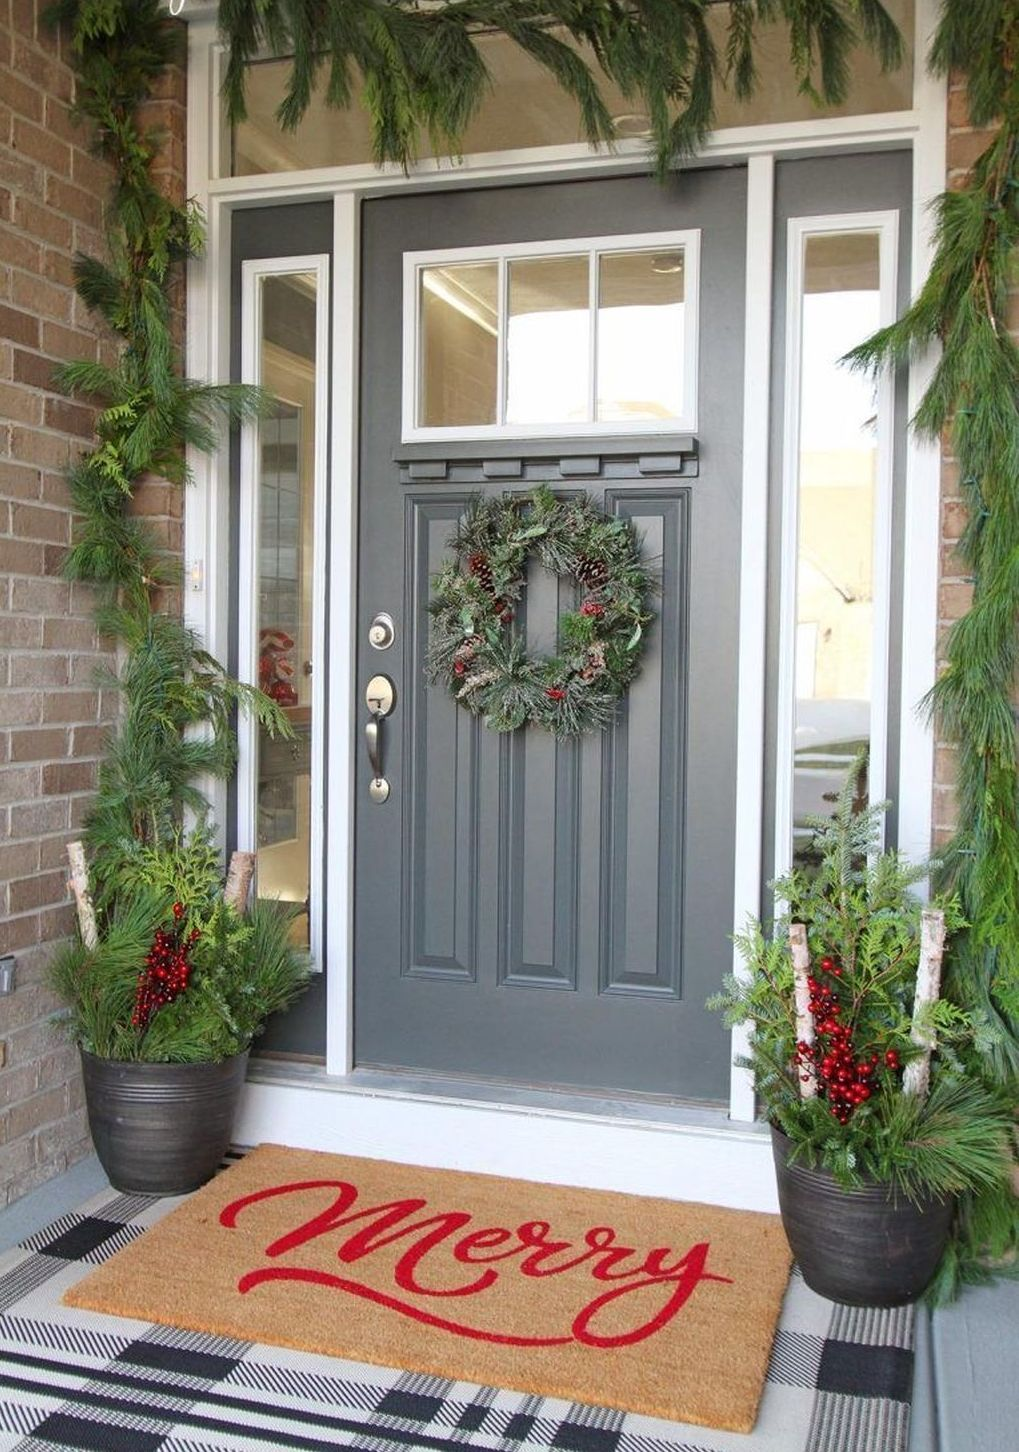 76 Cheap DIY Christmas Porch Ideas | Christmas porch decor ...